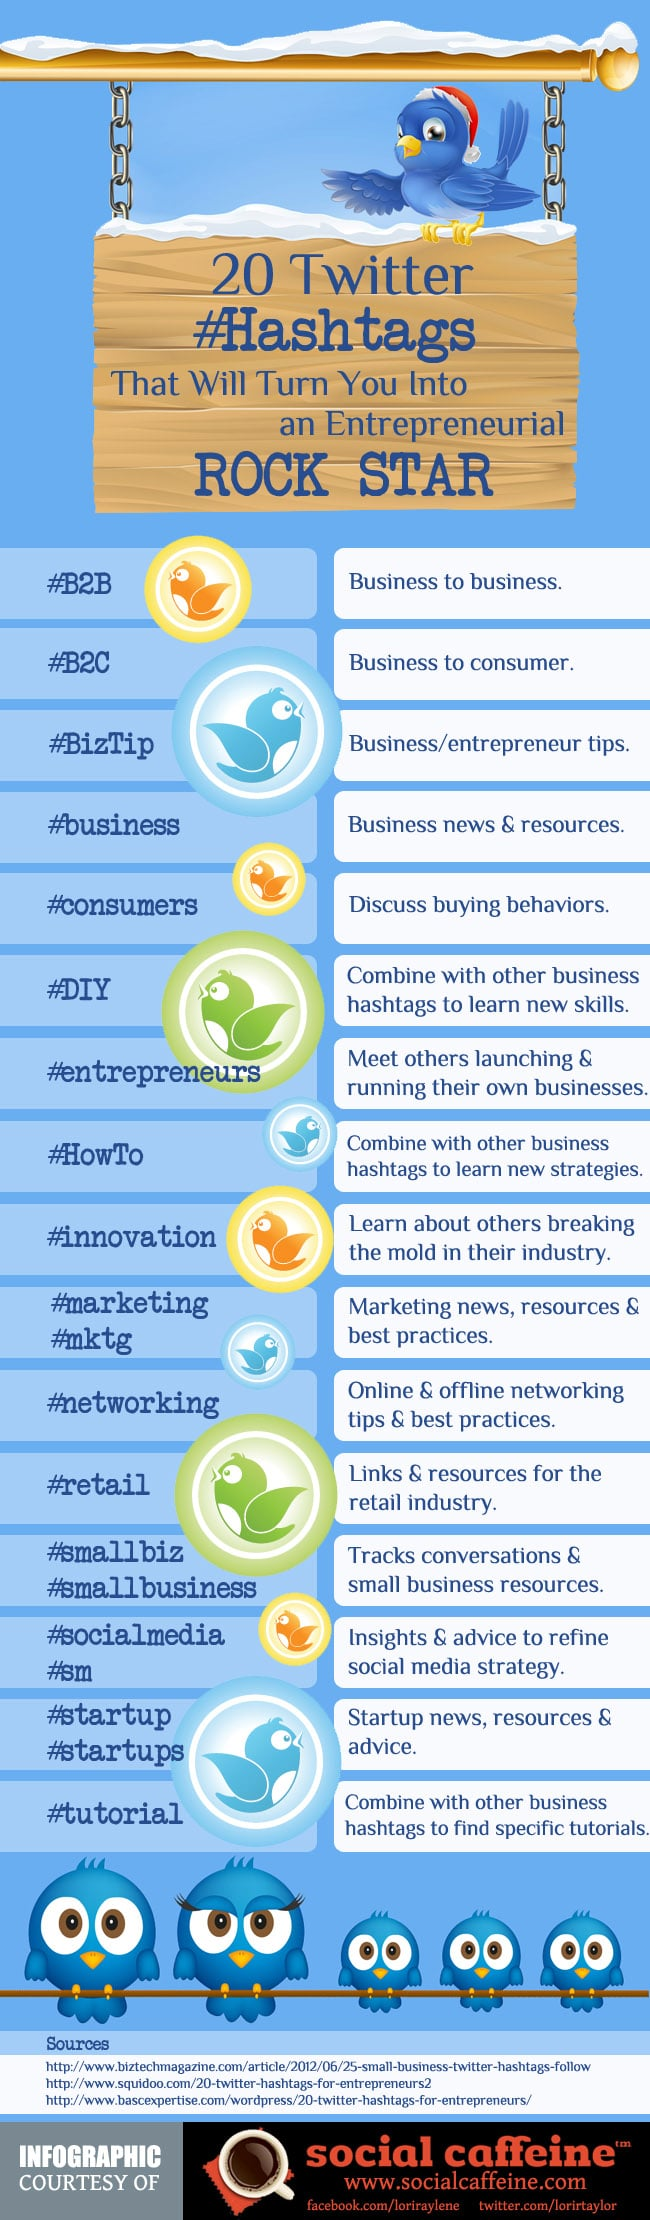 Popular Twitter Hashtags For Entrepreneurial Rock Stars [Infographic]